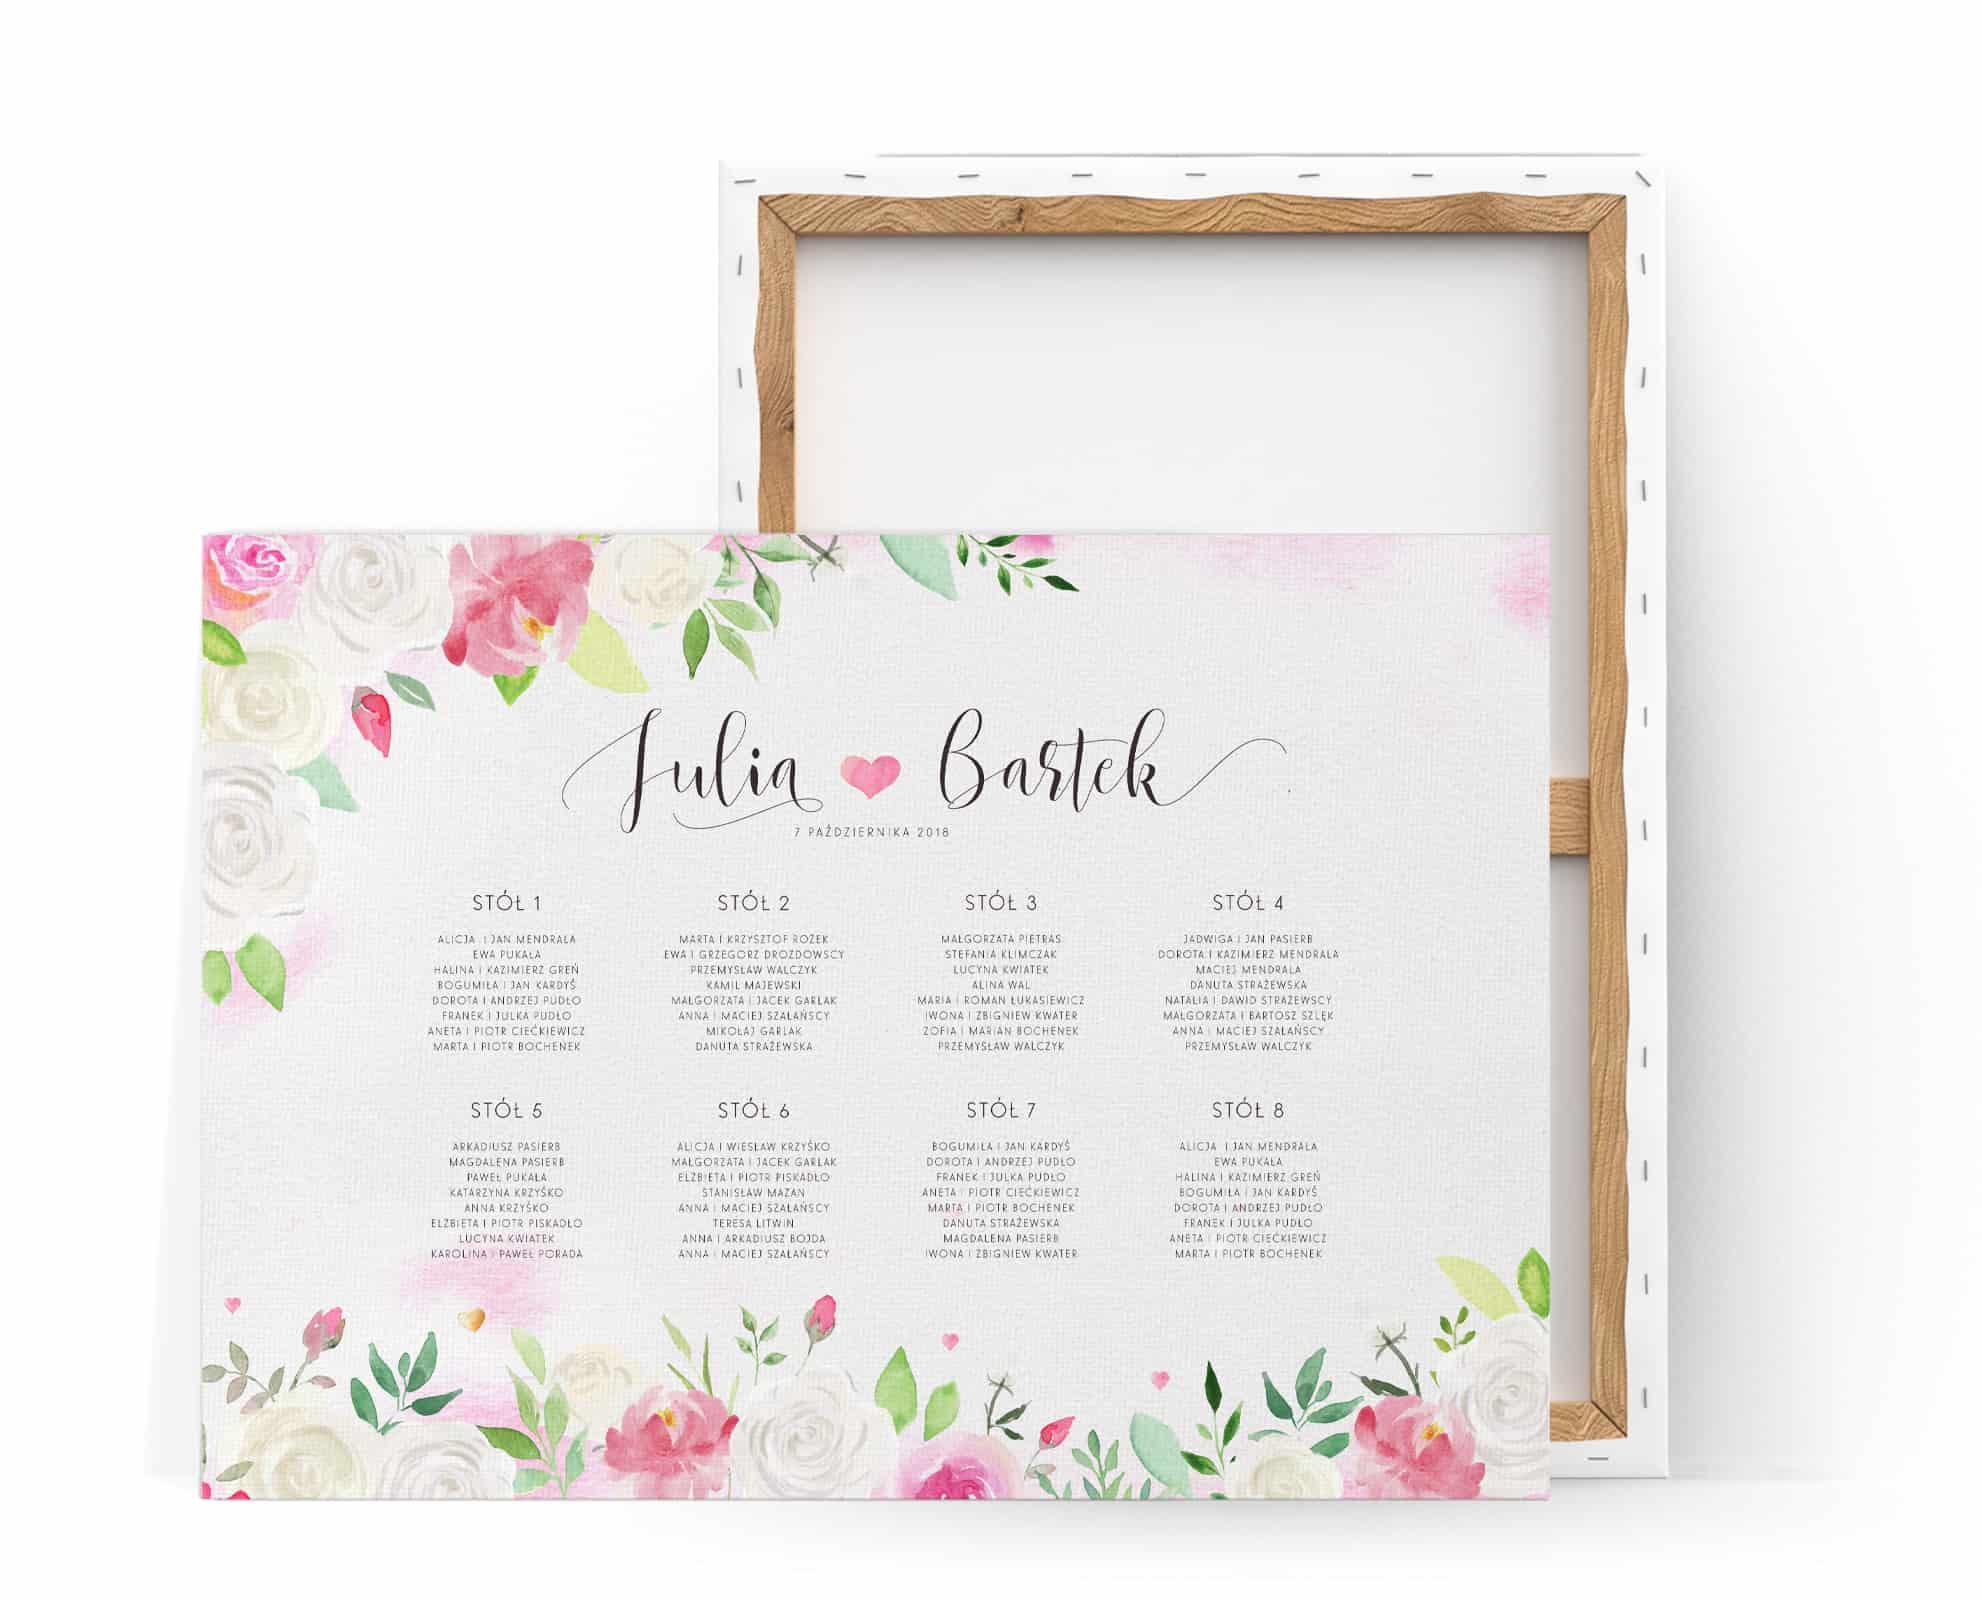 Plan stołów na płótnie z różami w stylu watercolor i delikatnymi listkami